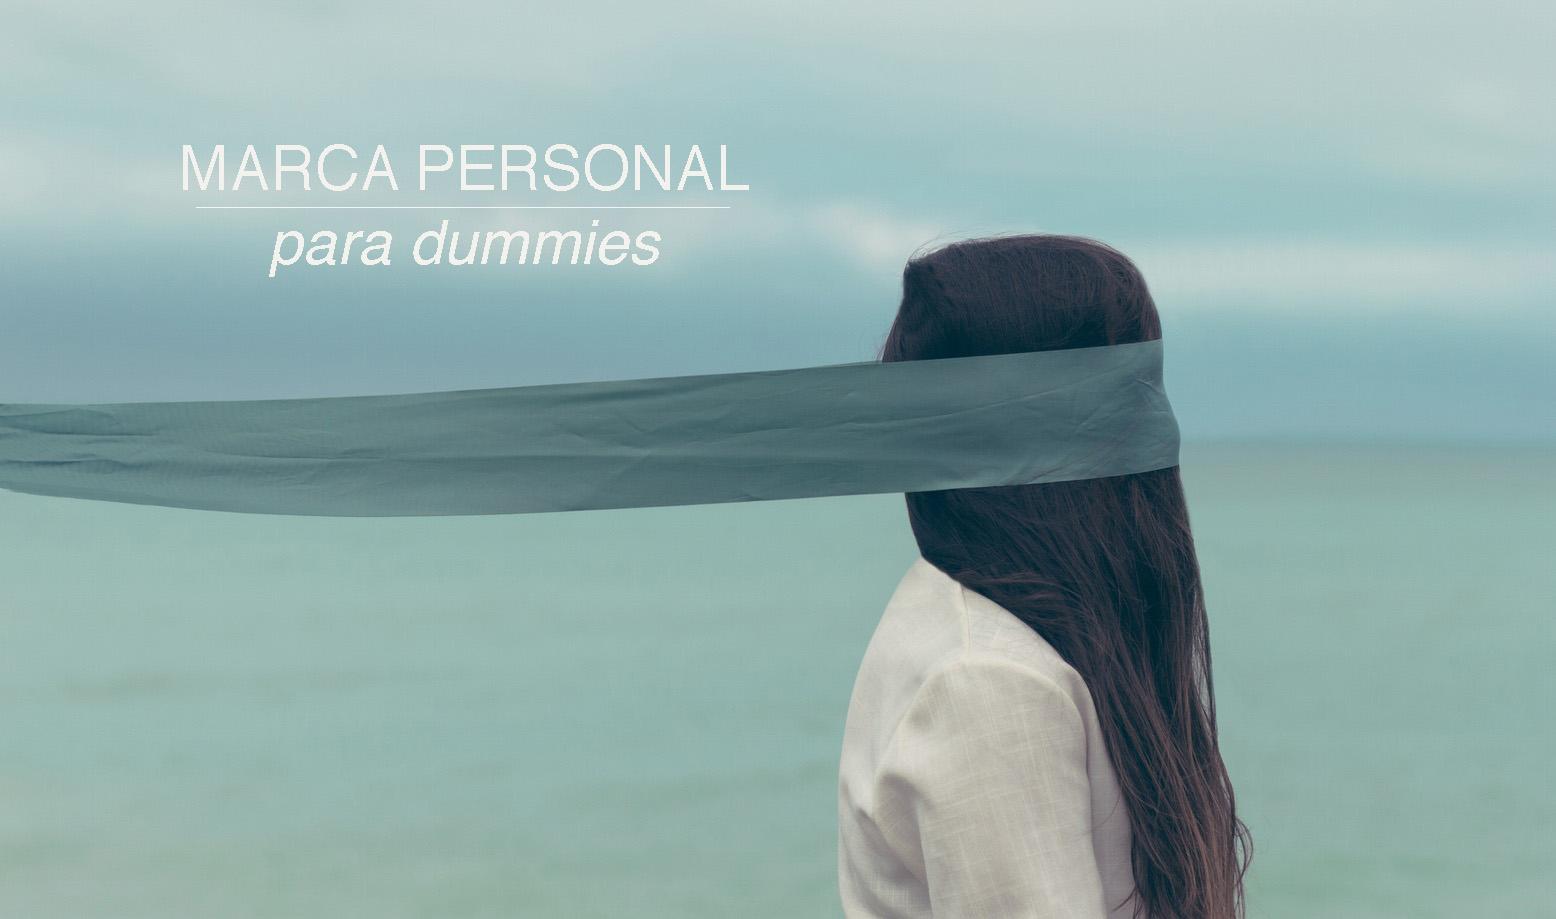 marca-personal-para-dummies